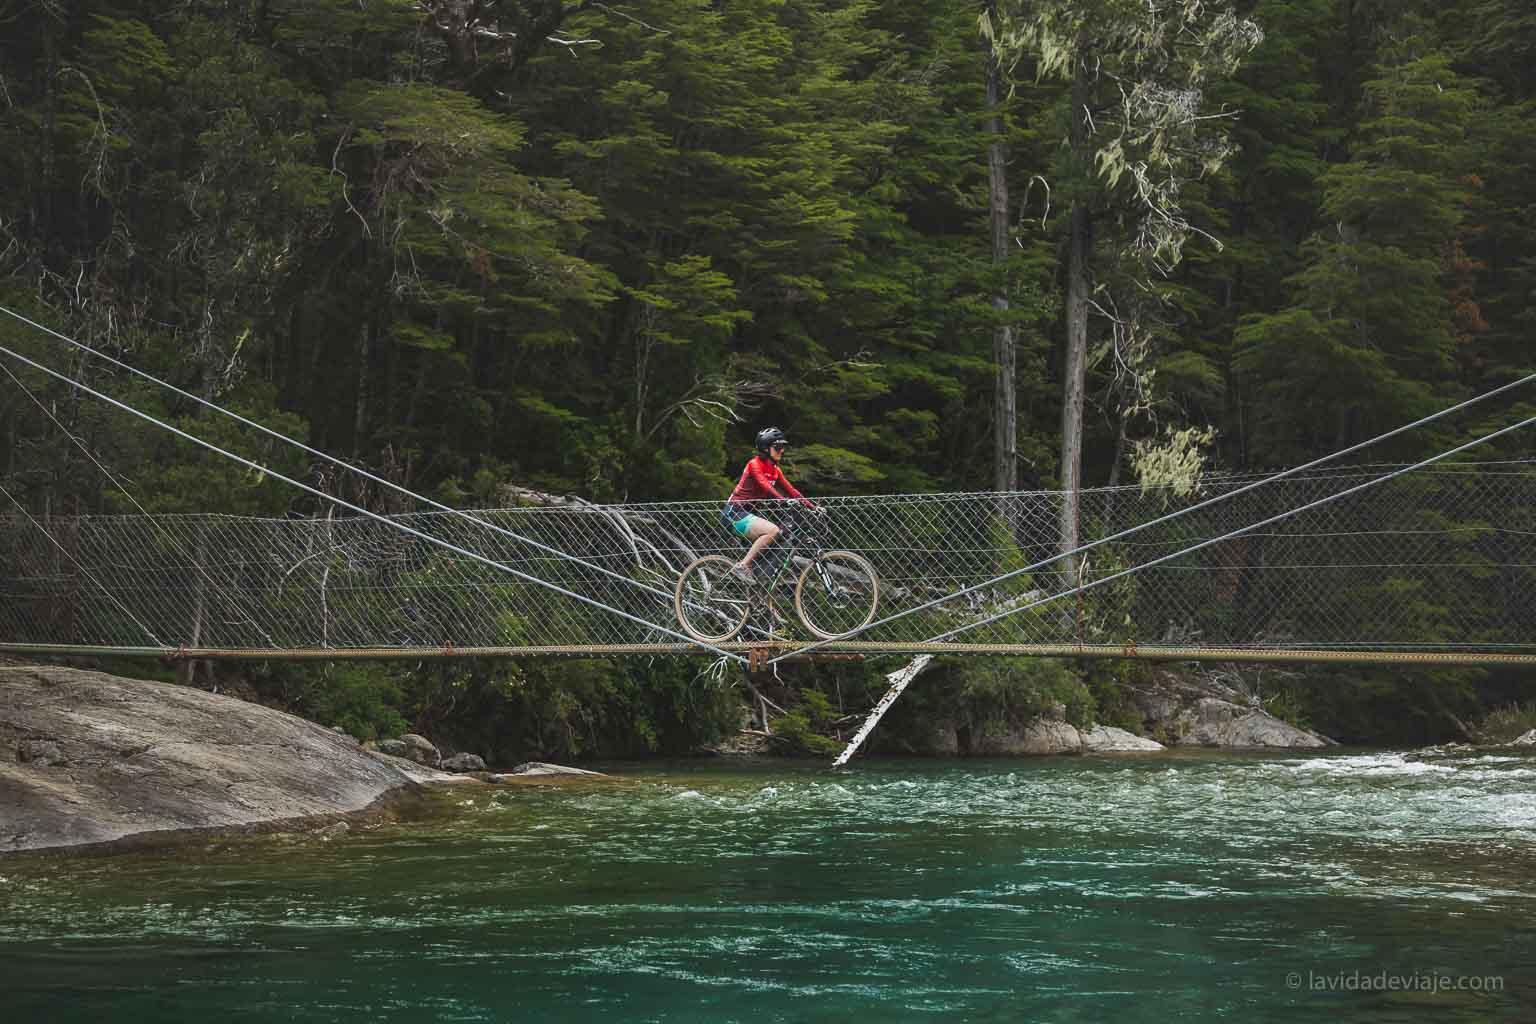 cajon del azul en bicicleta